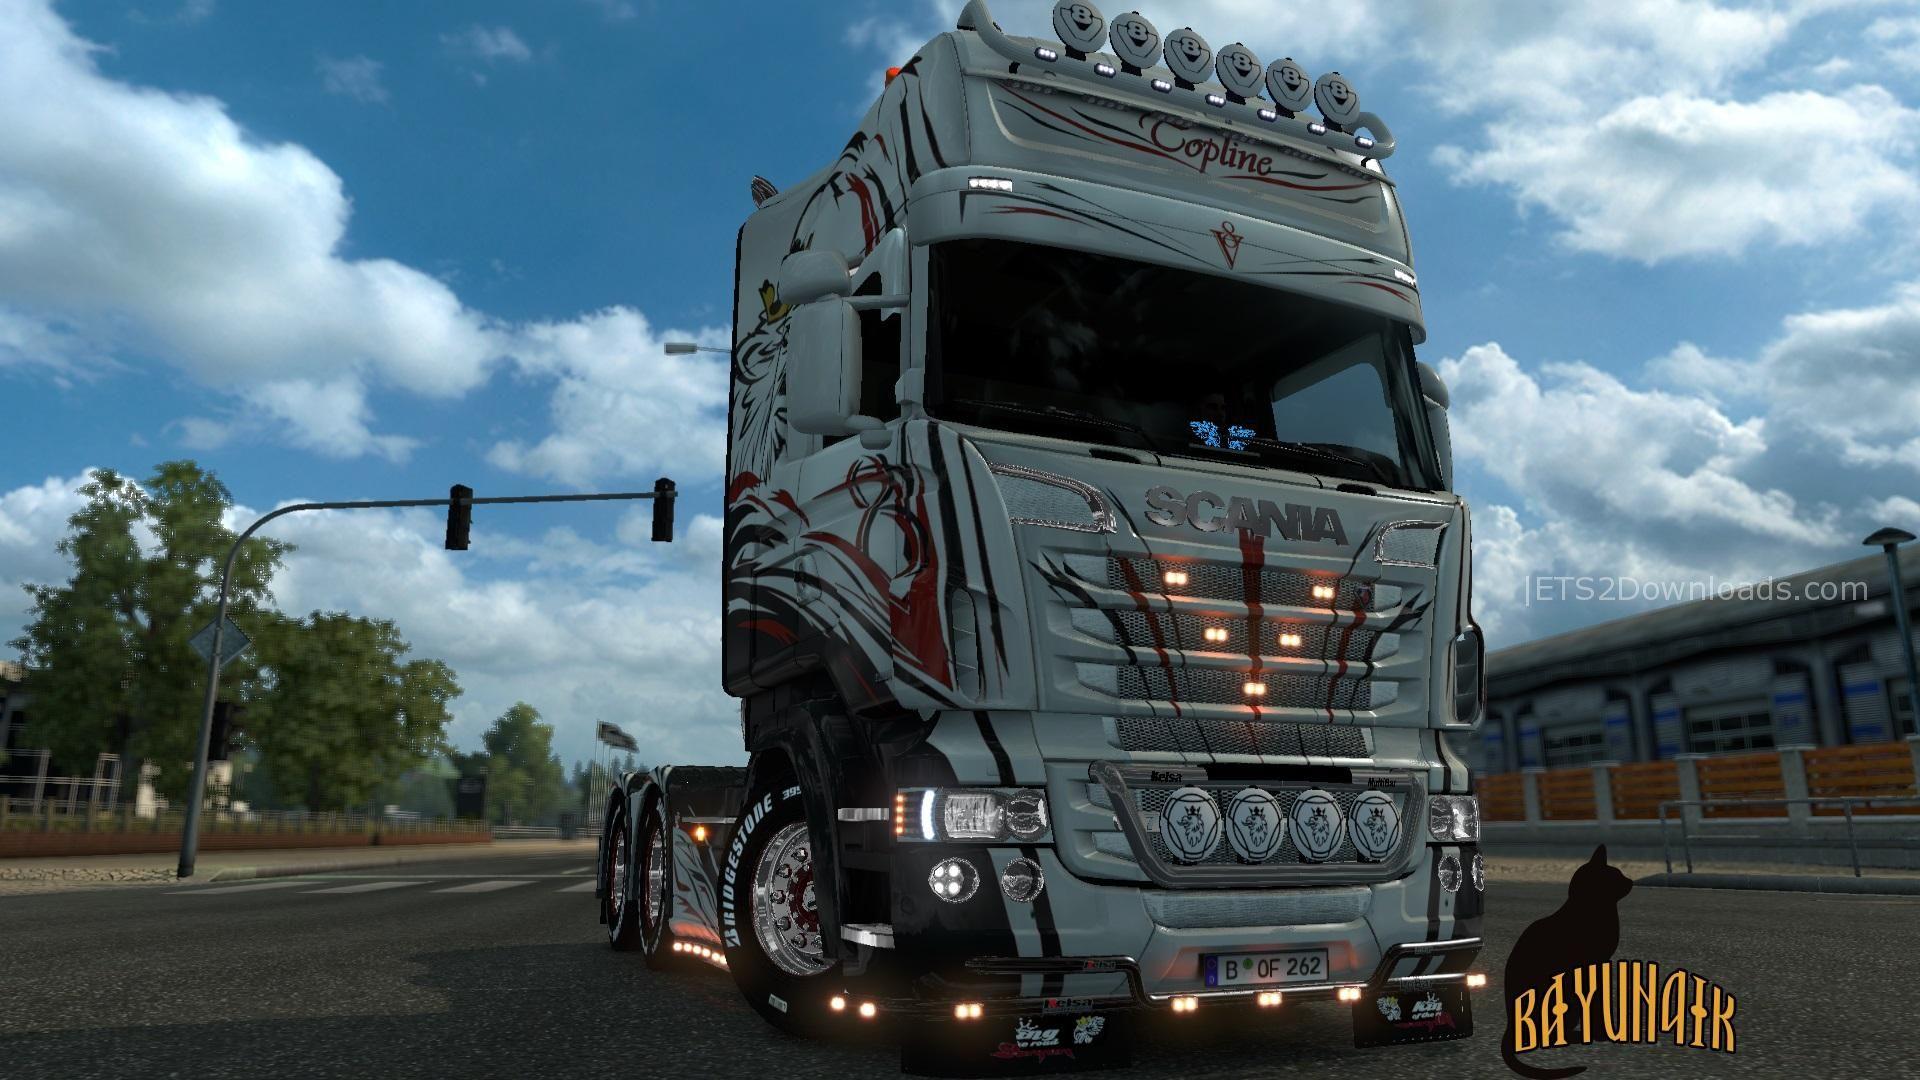 Scania R S Topline V8 Skin 1 26 Ets 2 Mods Ets2downloads - Www imagez co